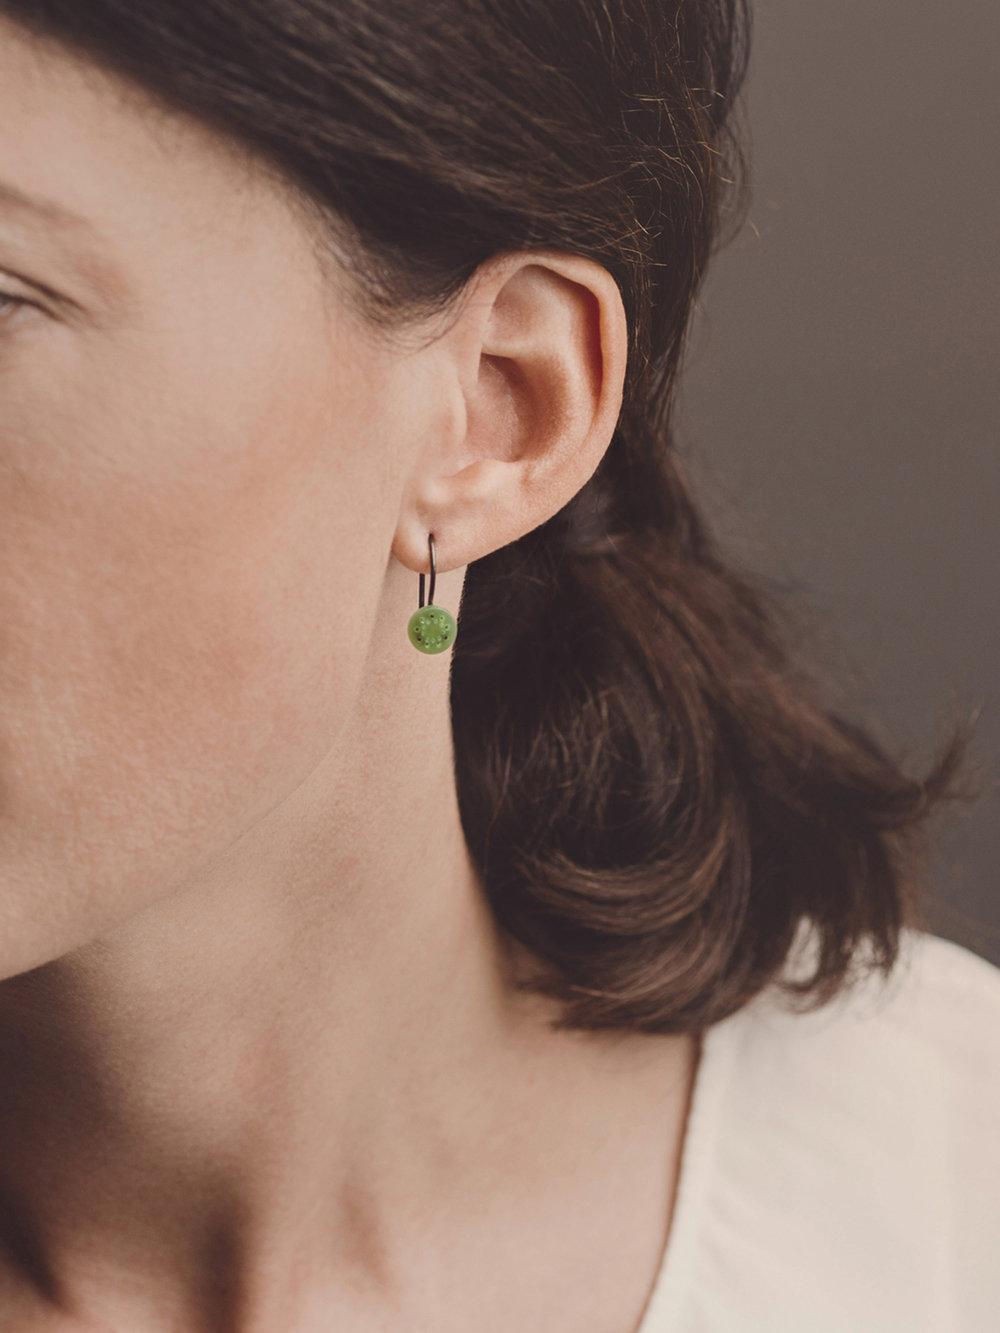 Christina Pauls, Ohrringe schwarzrutheniertes Silber und synthetische Jade